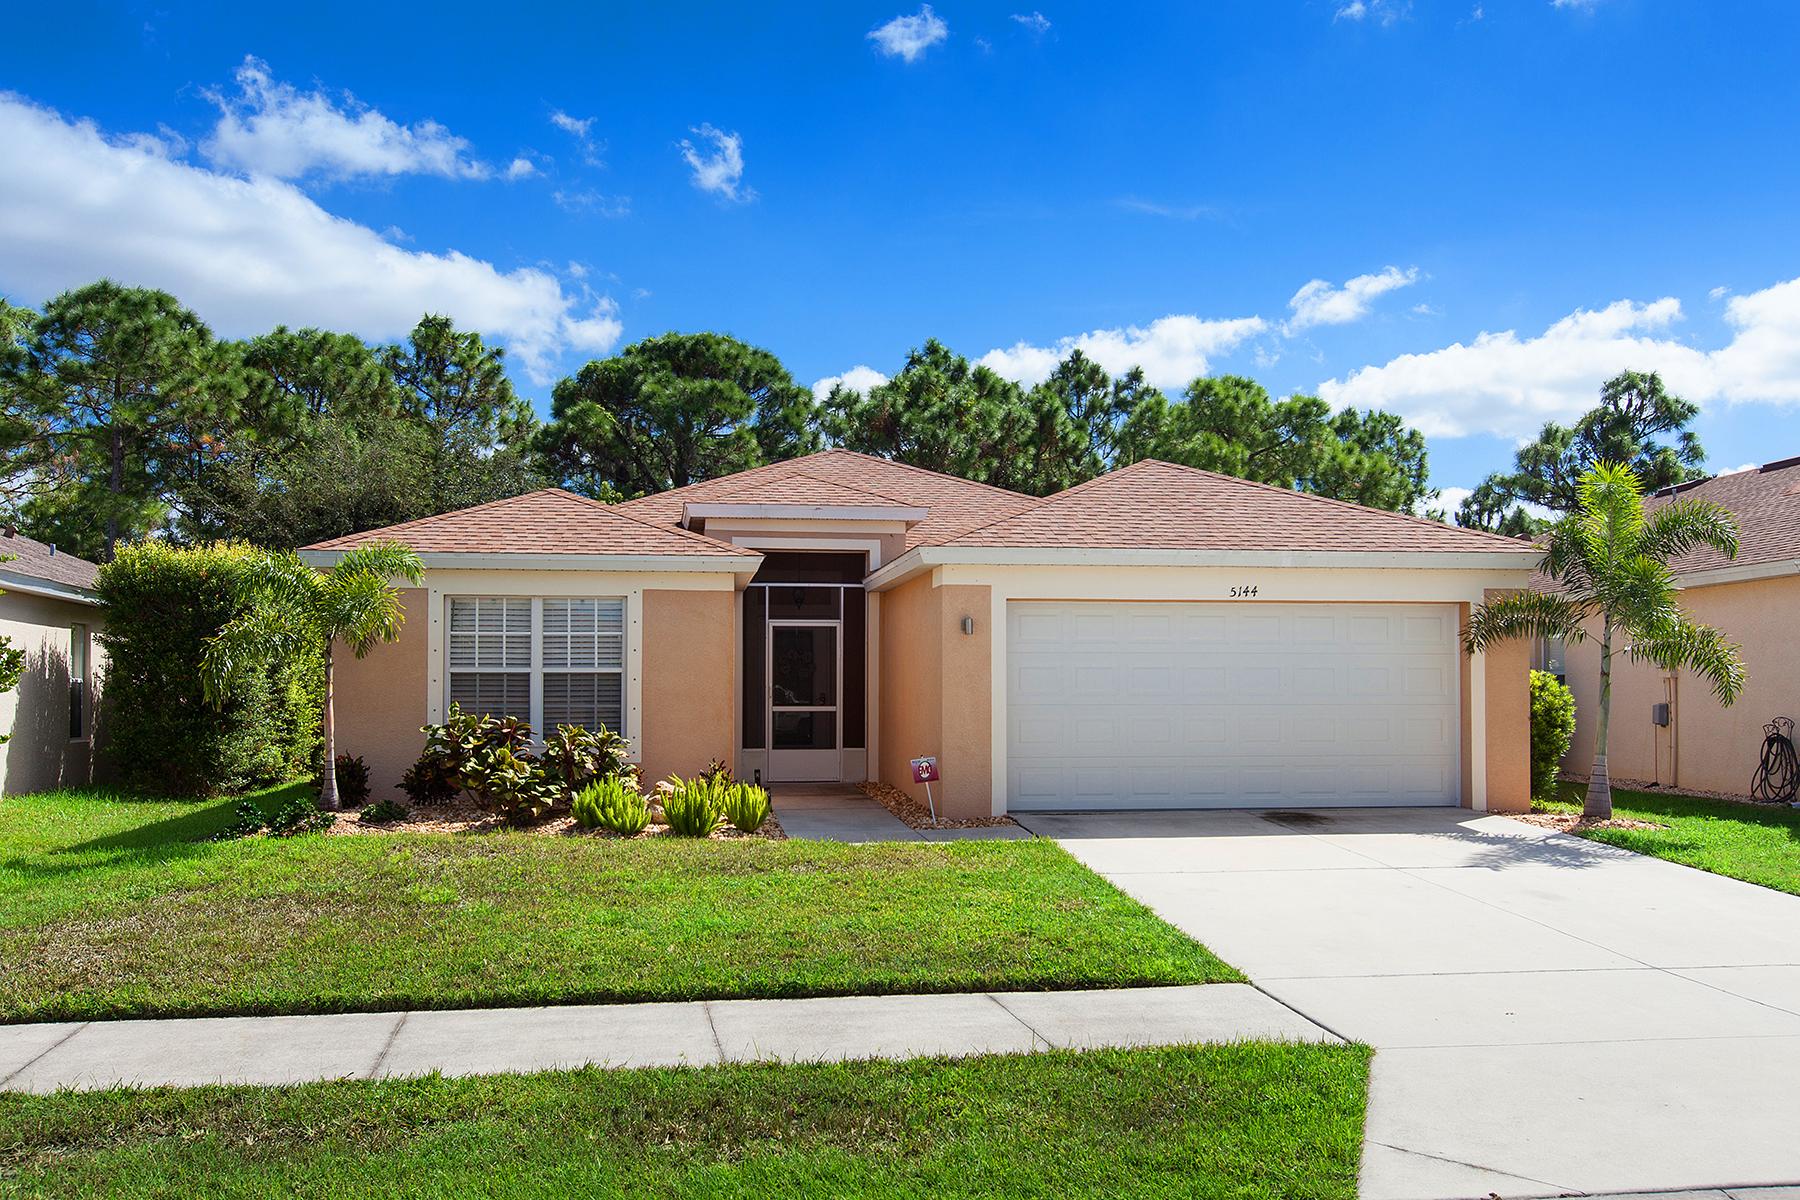 Einfamilienhaus für Verkauf beim VENTURA VILLAGE 5144 Layton Dr Venice, Florida, 34293 Vereinigte Staaten